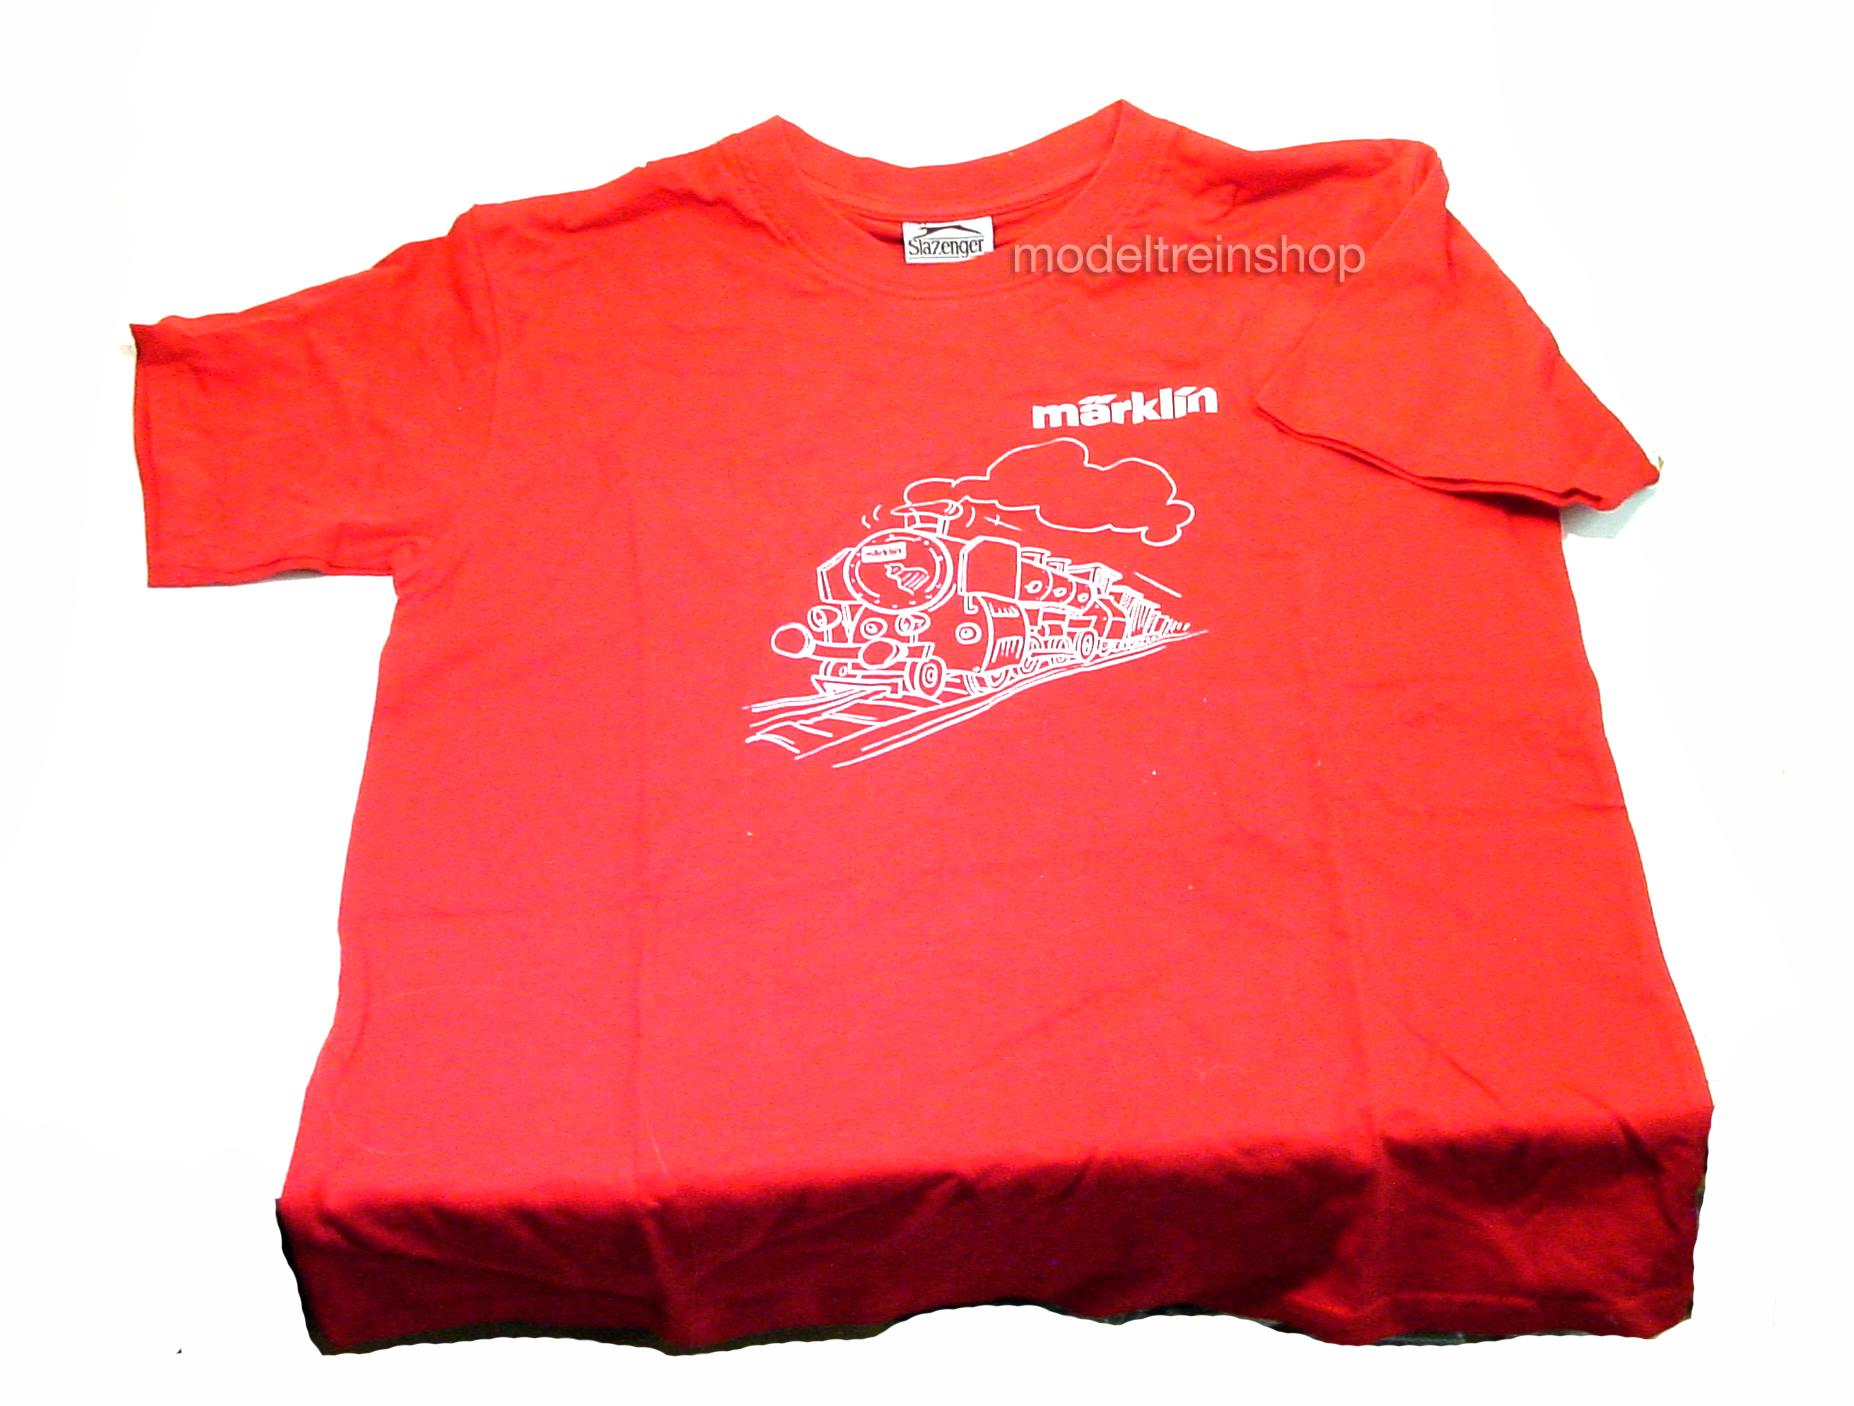 Marklin 12992 T-Shirt Rood - Modeltreinshop